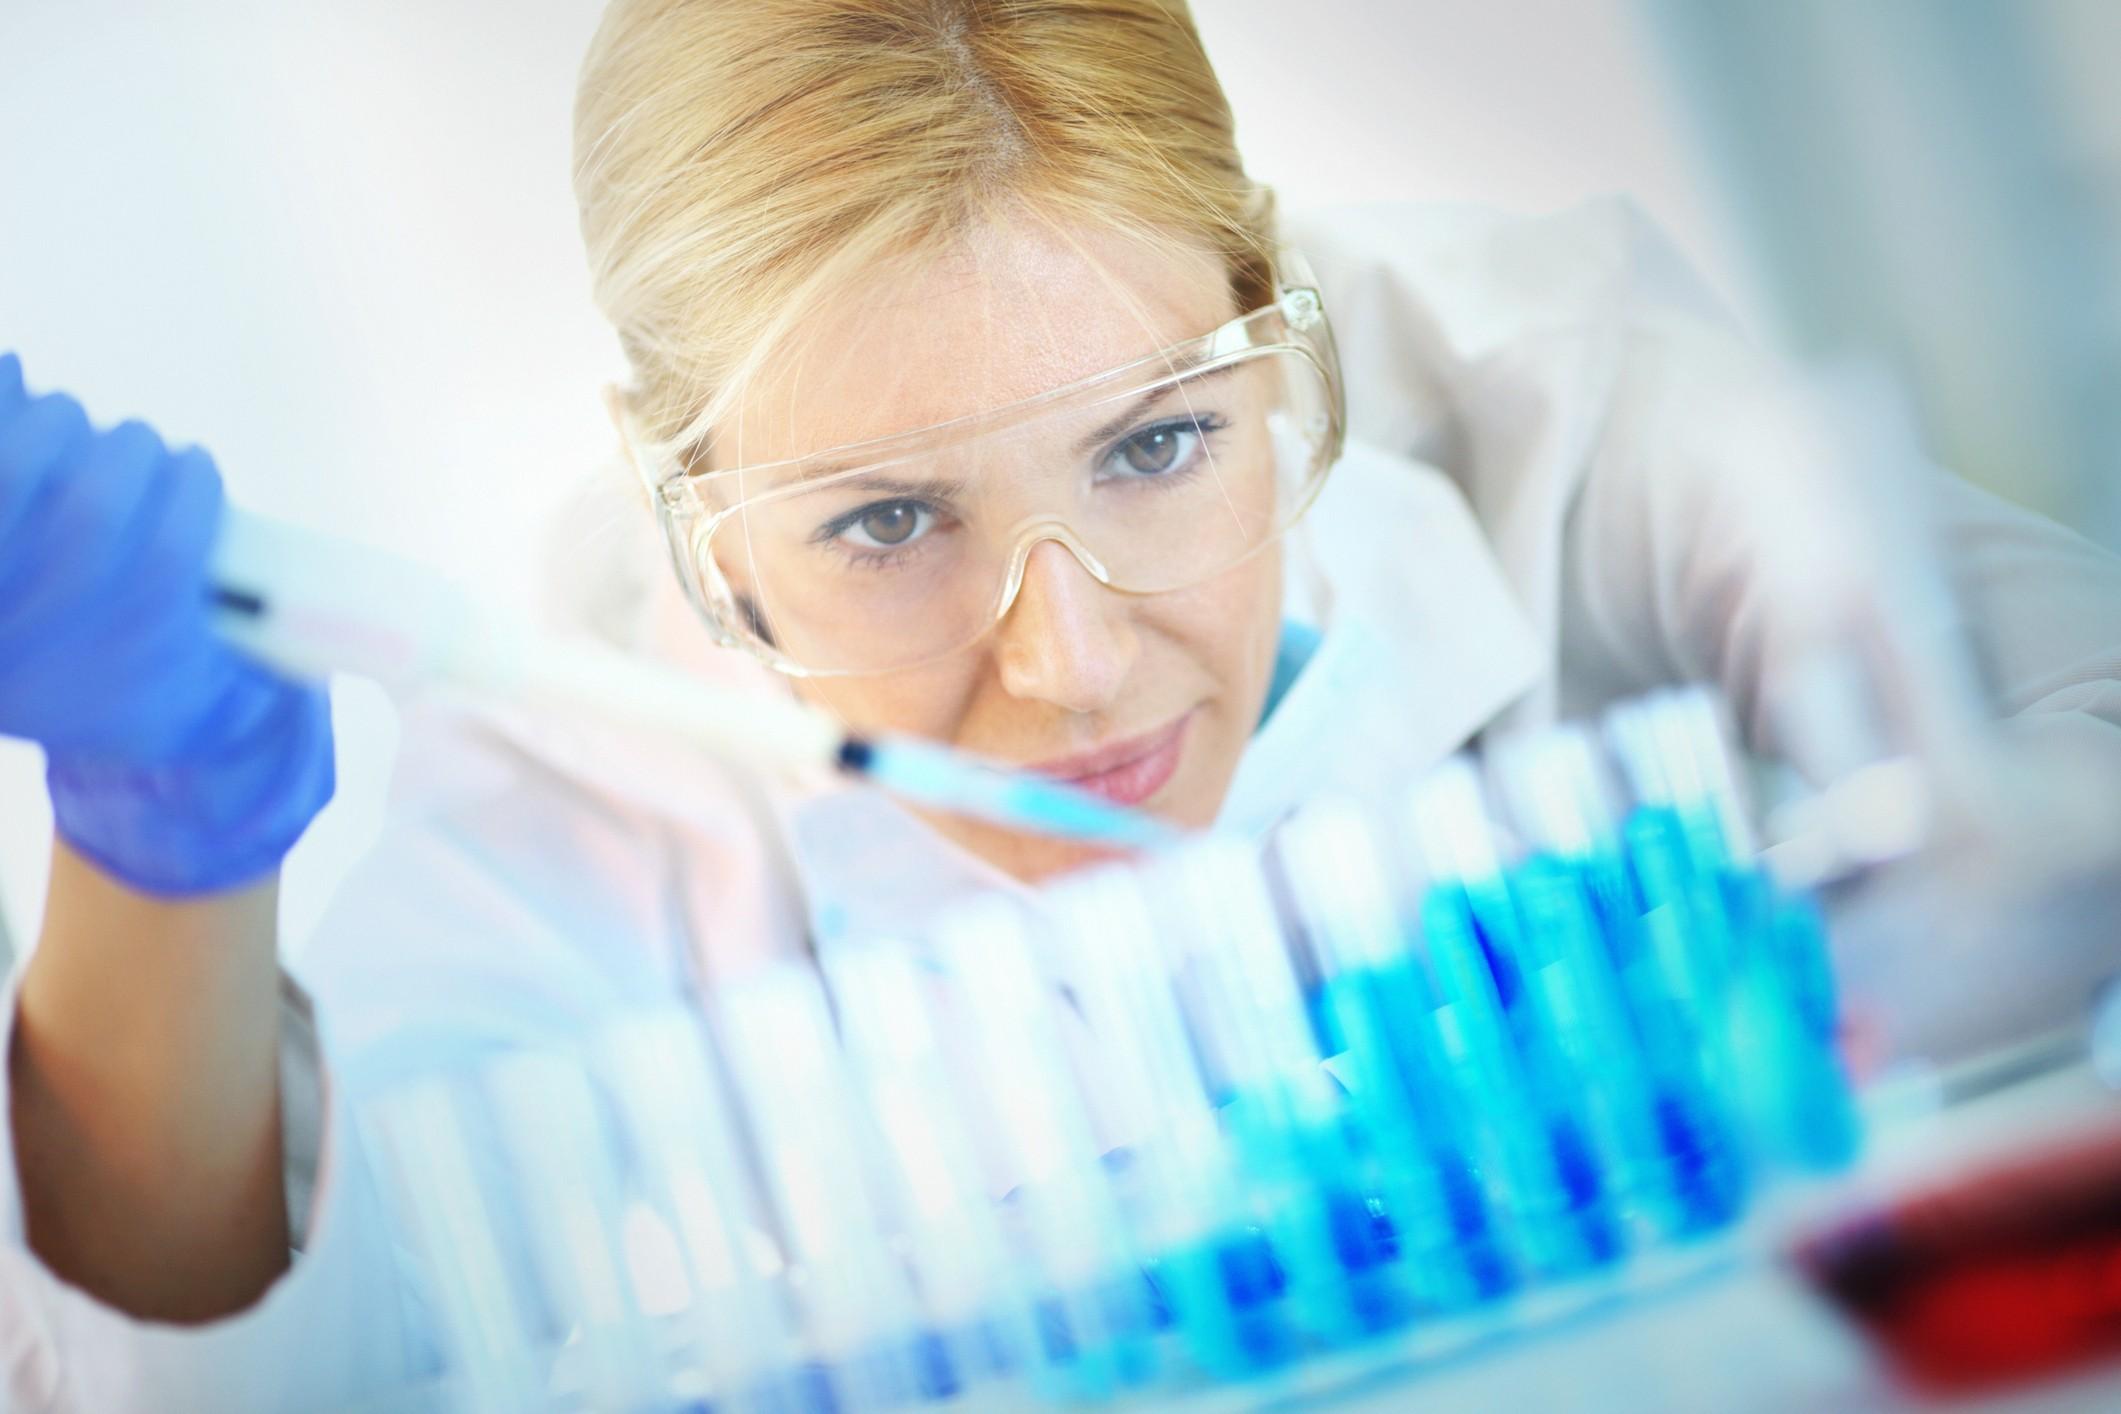 A GE Healthcare Life Sciences fornece tecnologia para a produção de medicamentos biotecnológicos (Foto: Getty Images)